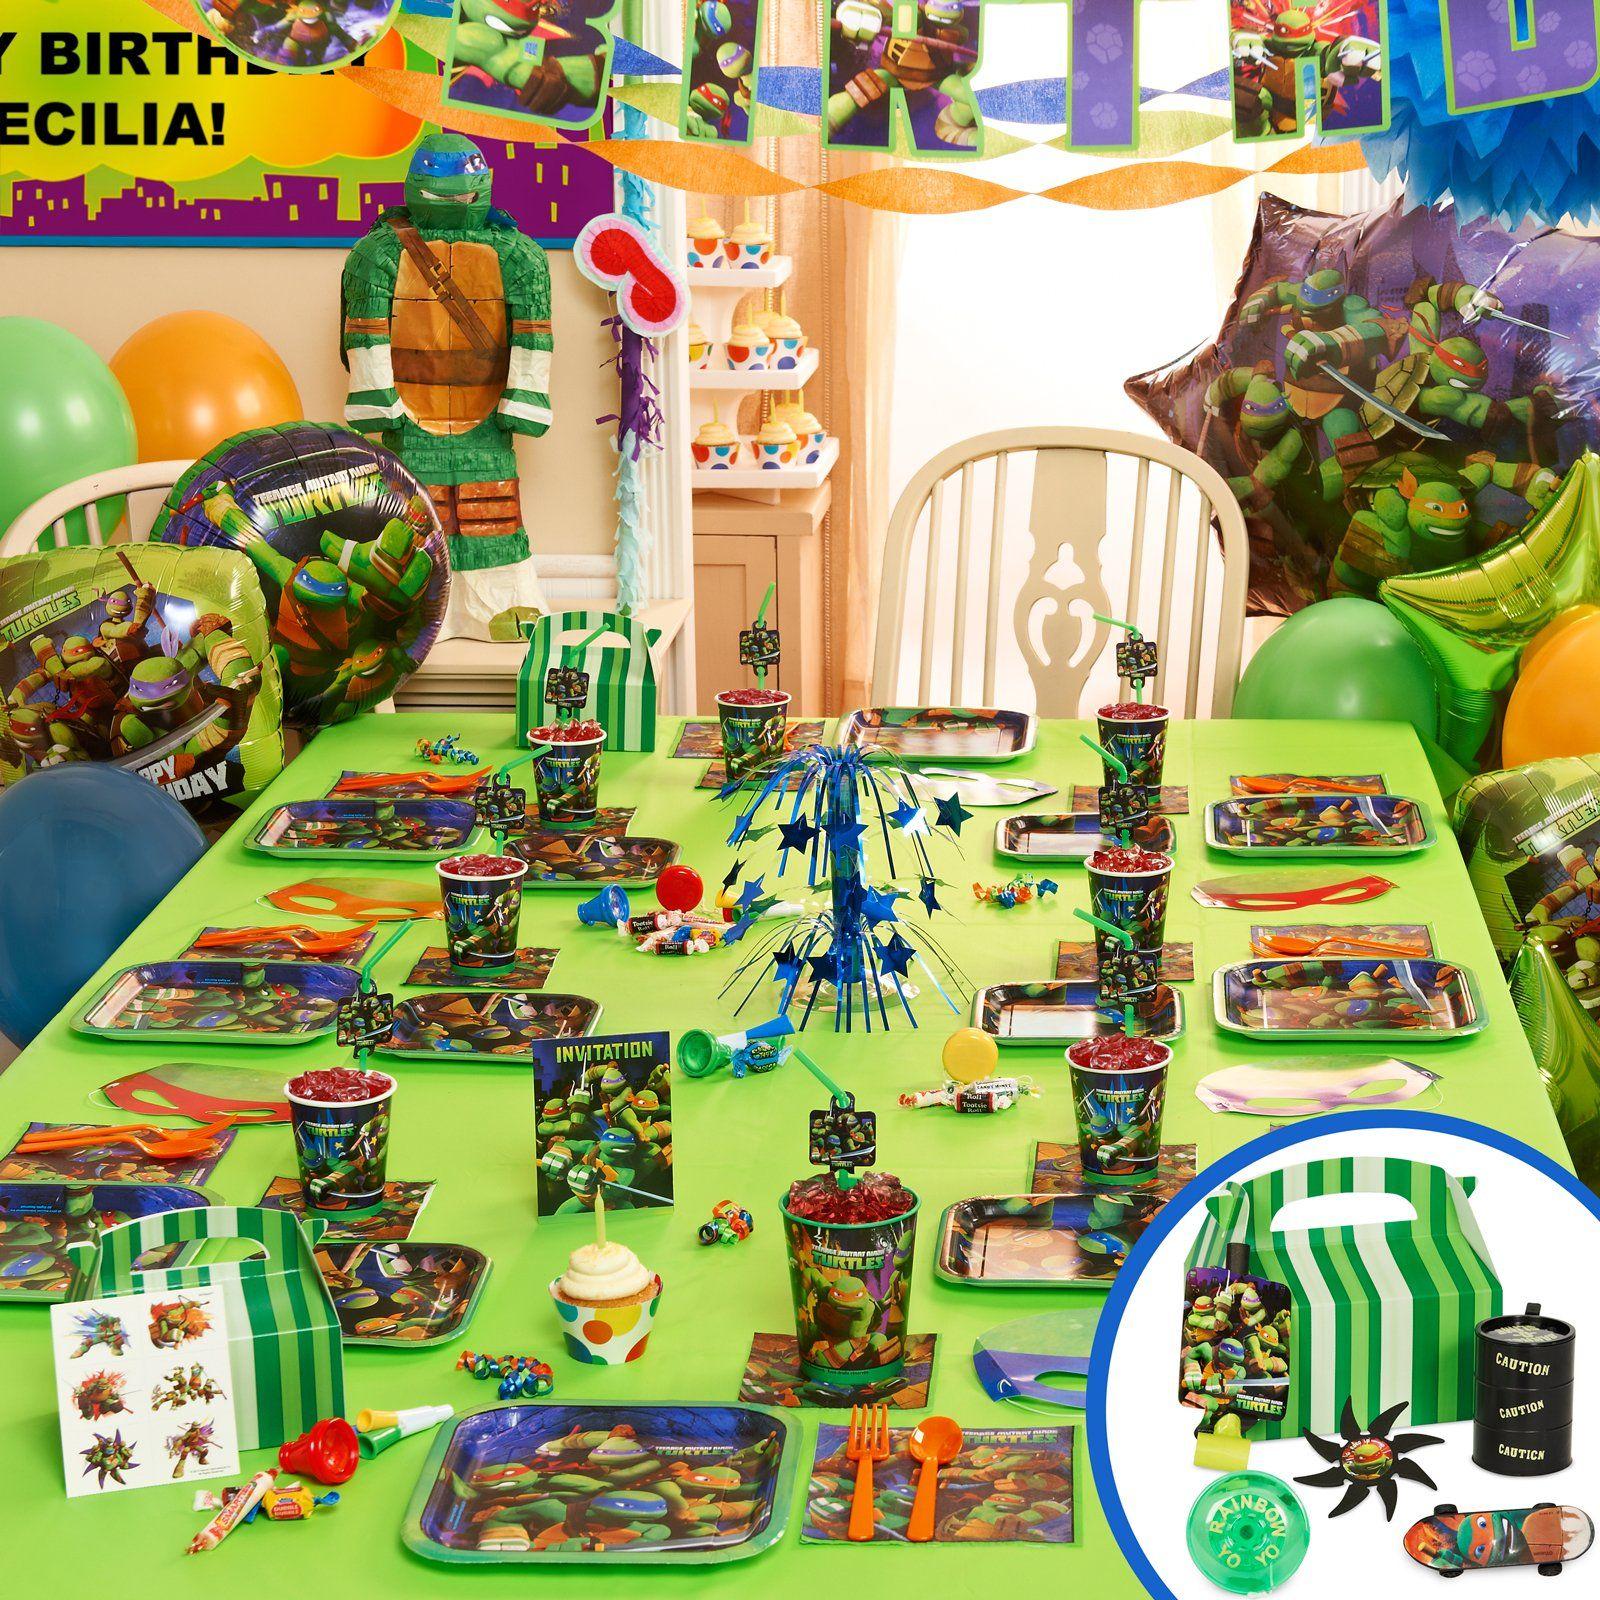 Teenage Mutant Ninja Turtles Party Supplies Ninja